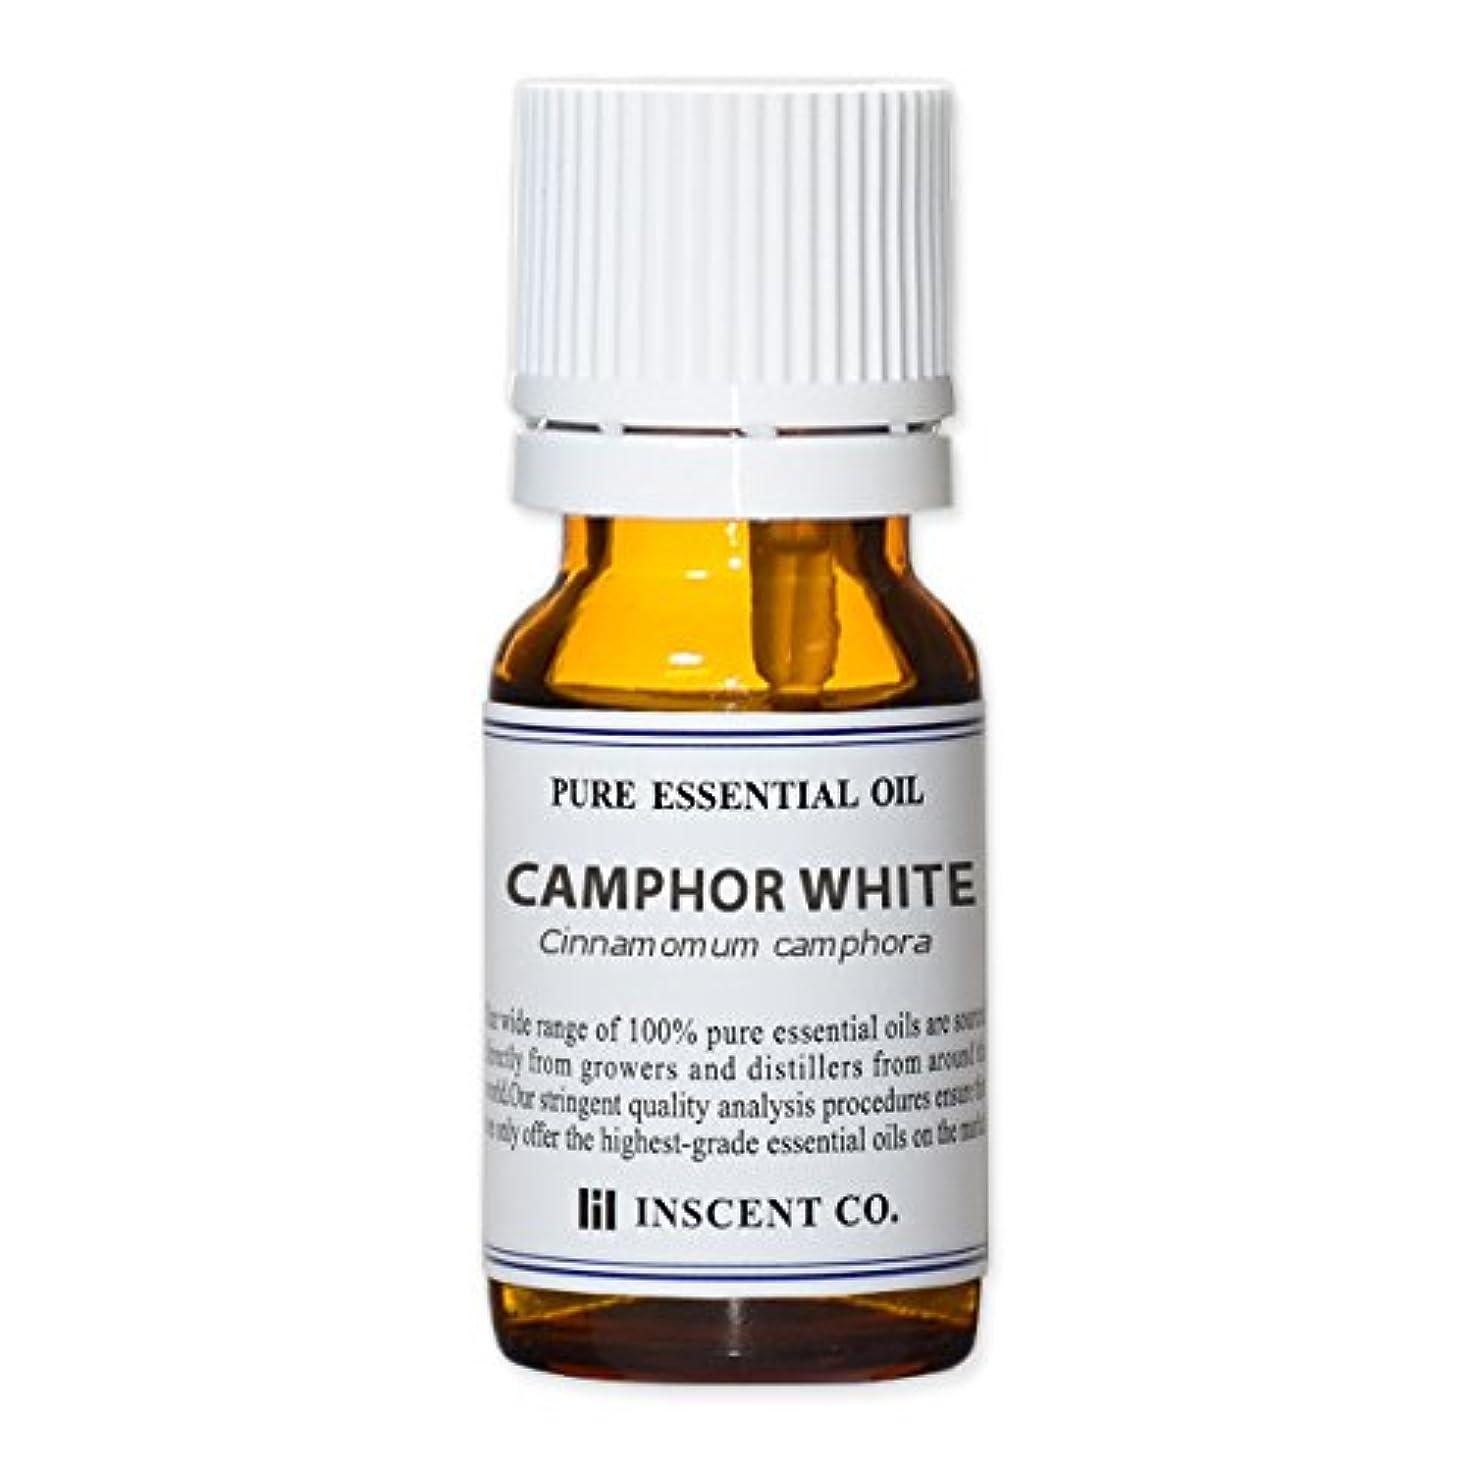 カンファー (ホワイト) 10ml インセント アロマオイル AEAJ 表示基準適合認定精油